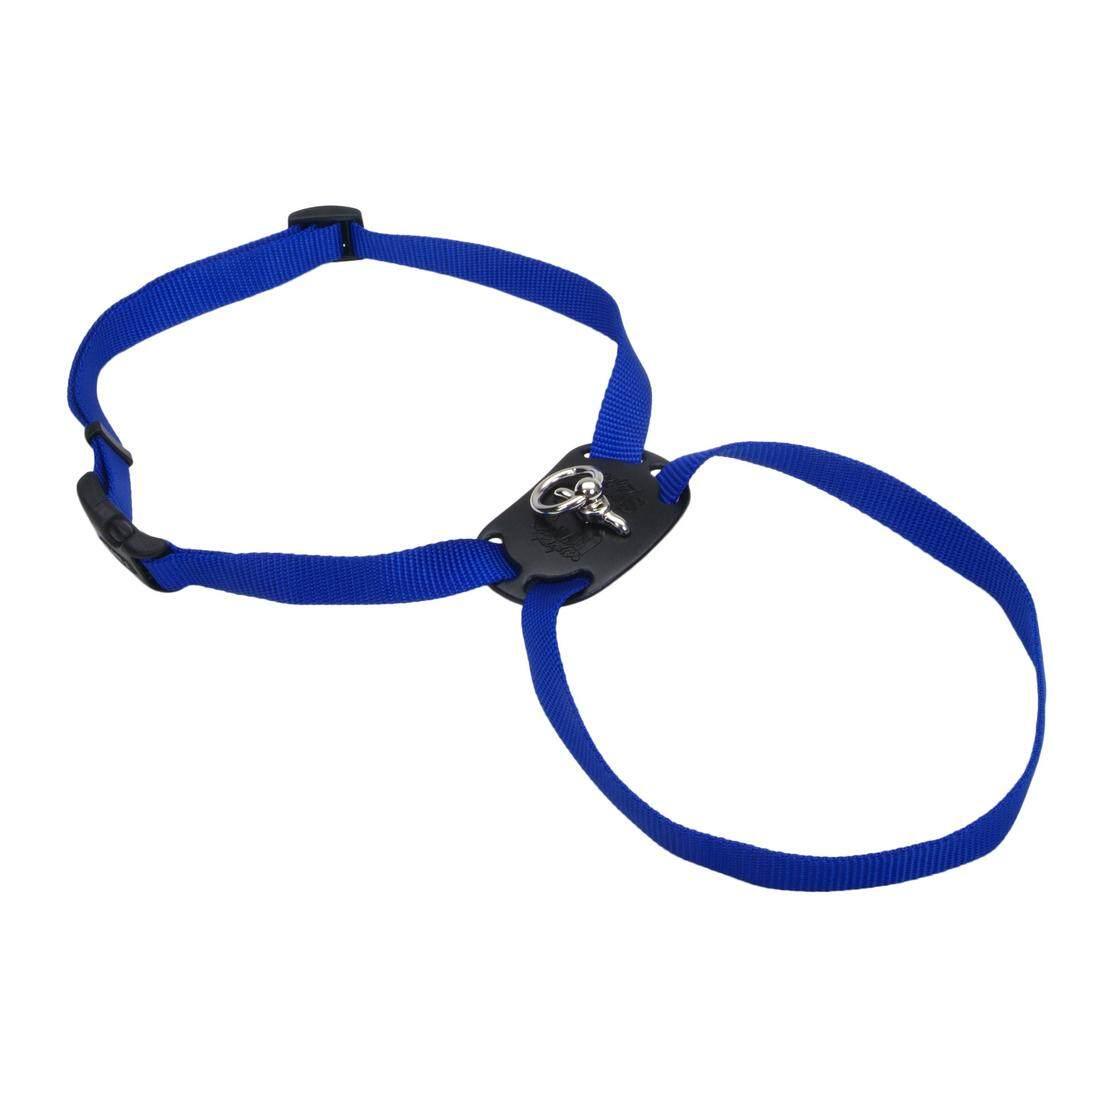 """[Coastal] Harness Right Size 3/8"""" - Extra Small - Blue"""